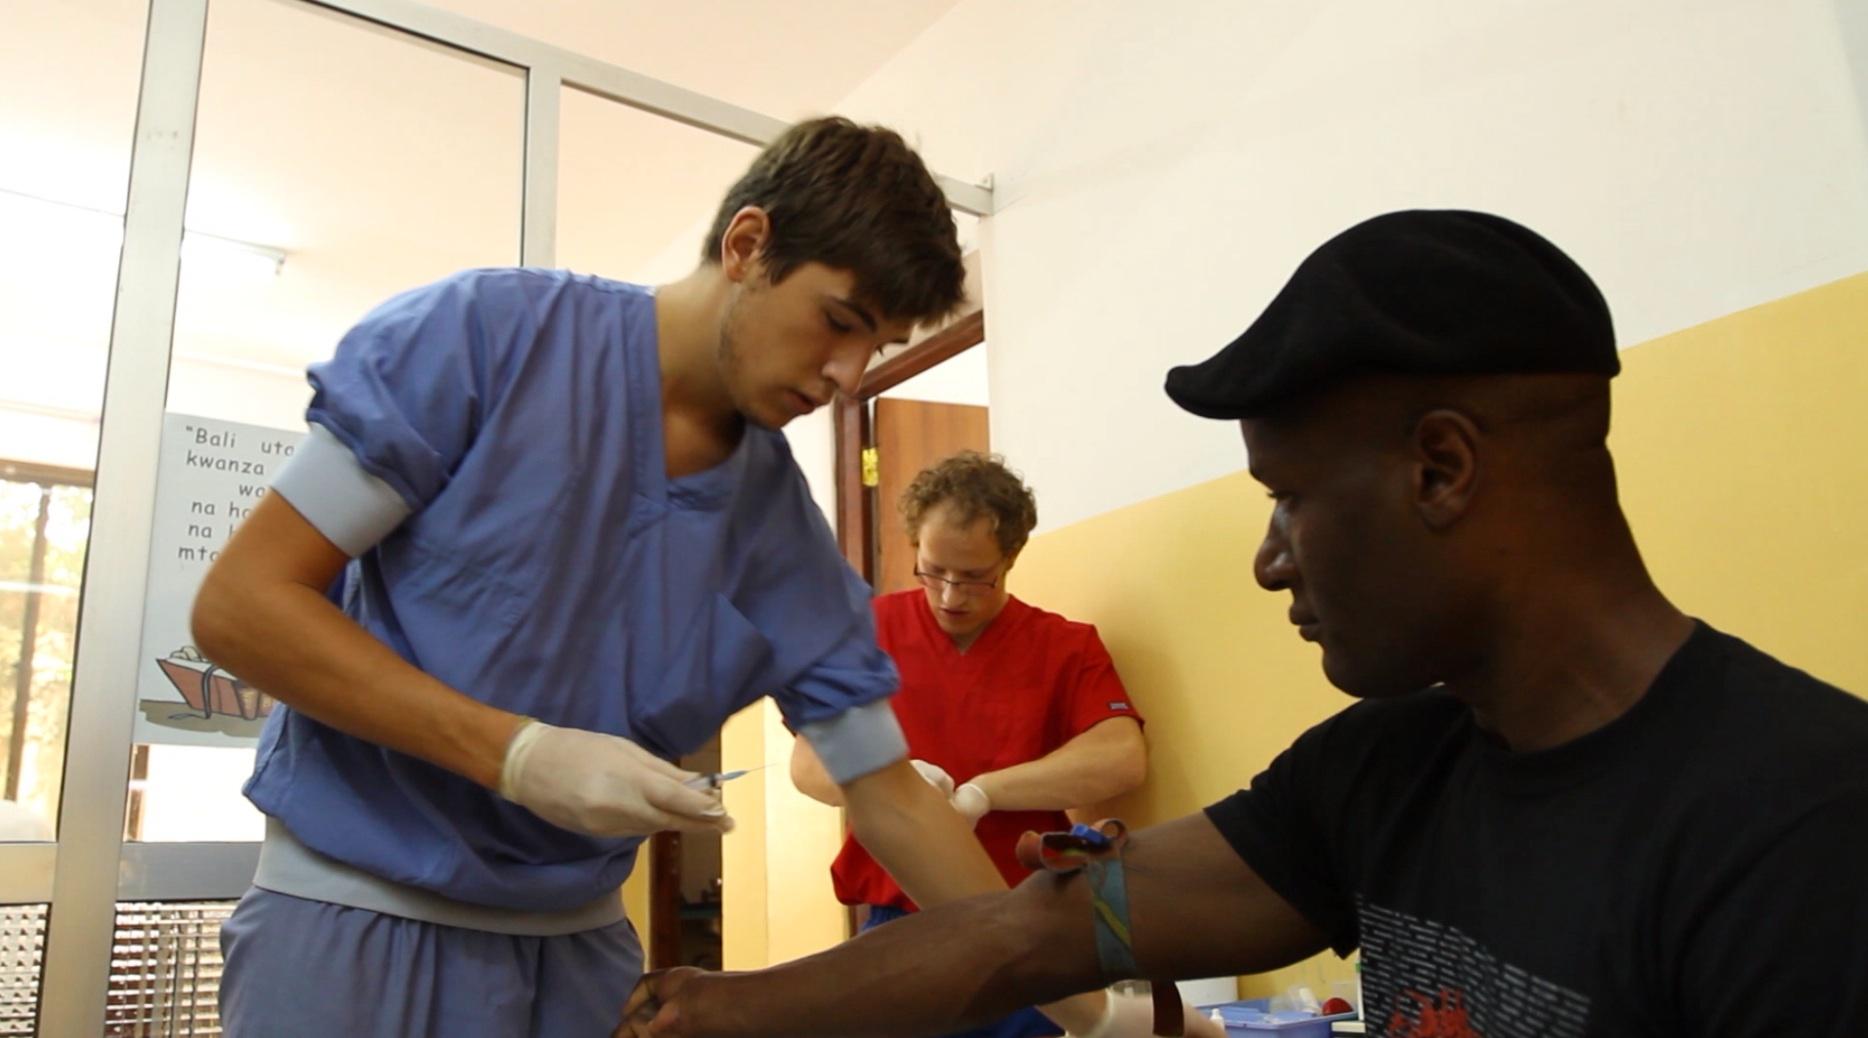 Matt attends to a patient